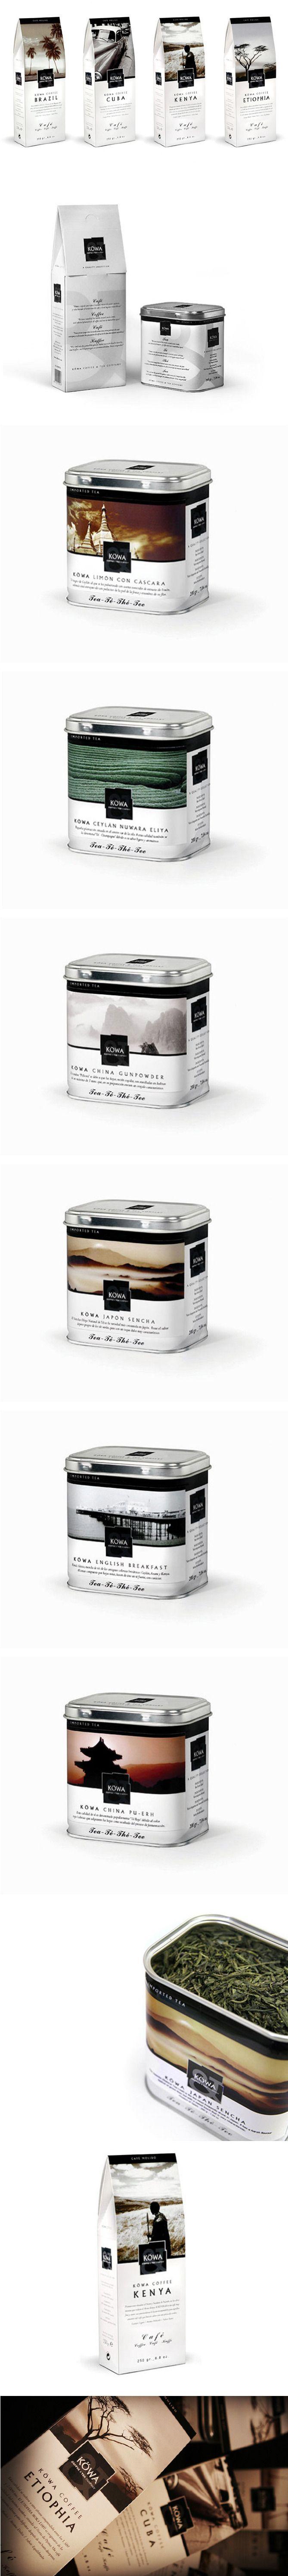 Jako, że ostatnio jestem miłośnikiem herbaty sypanej, nie mogło tu zabraknąć i takiej identyfikacji wizualnej marki :)